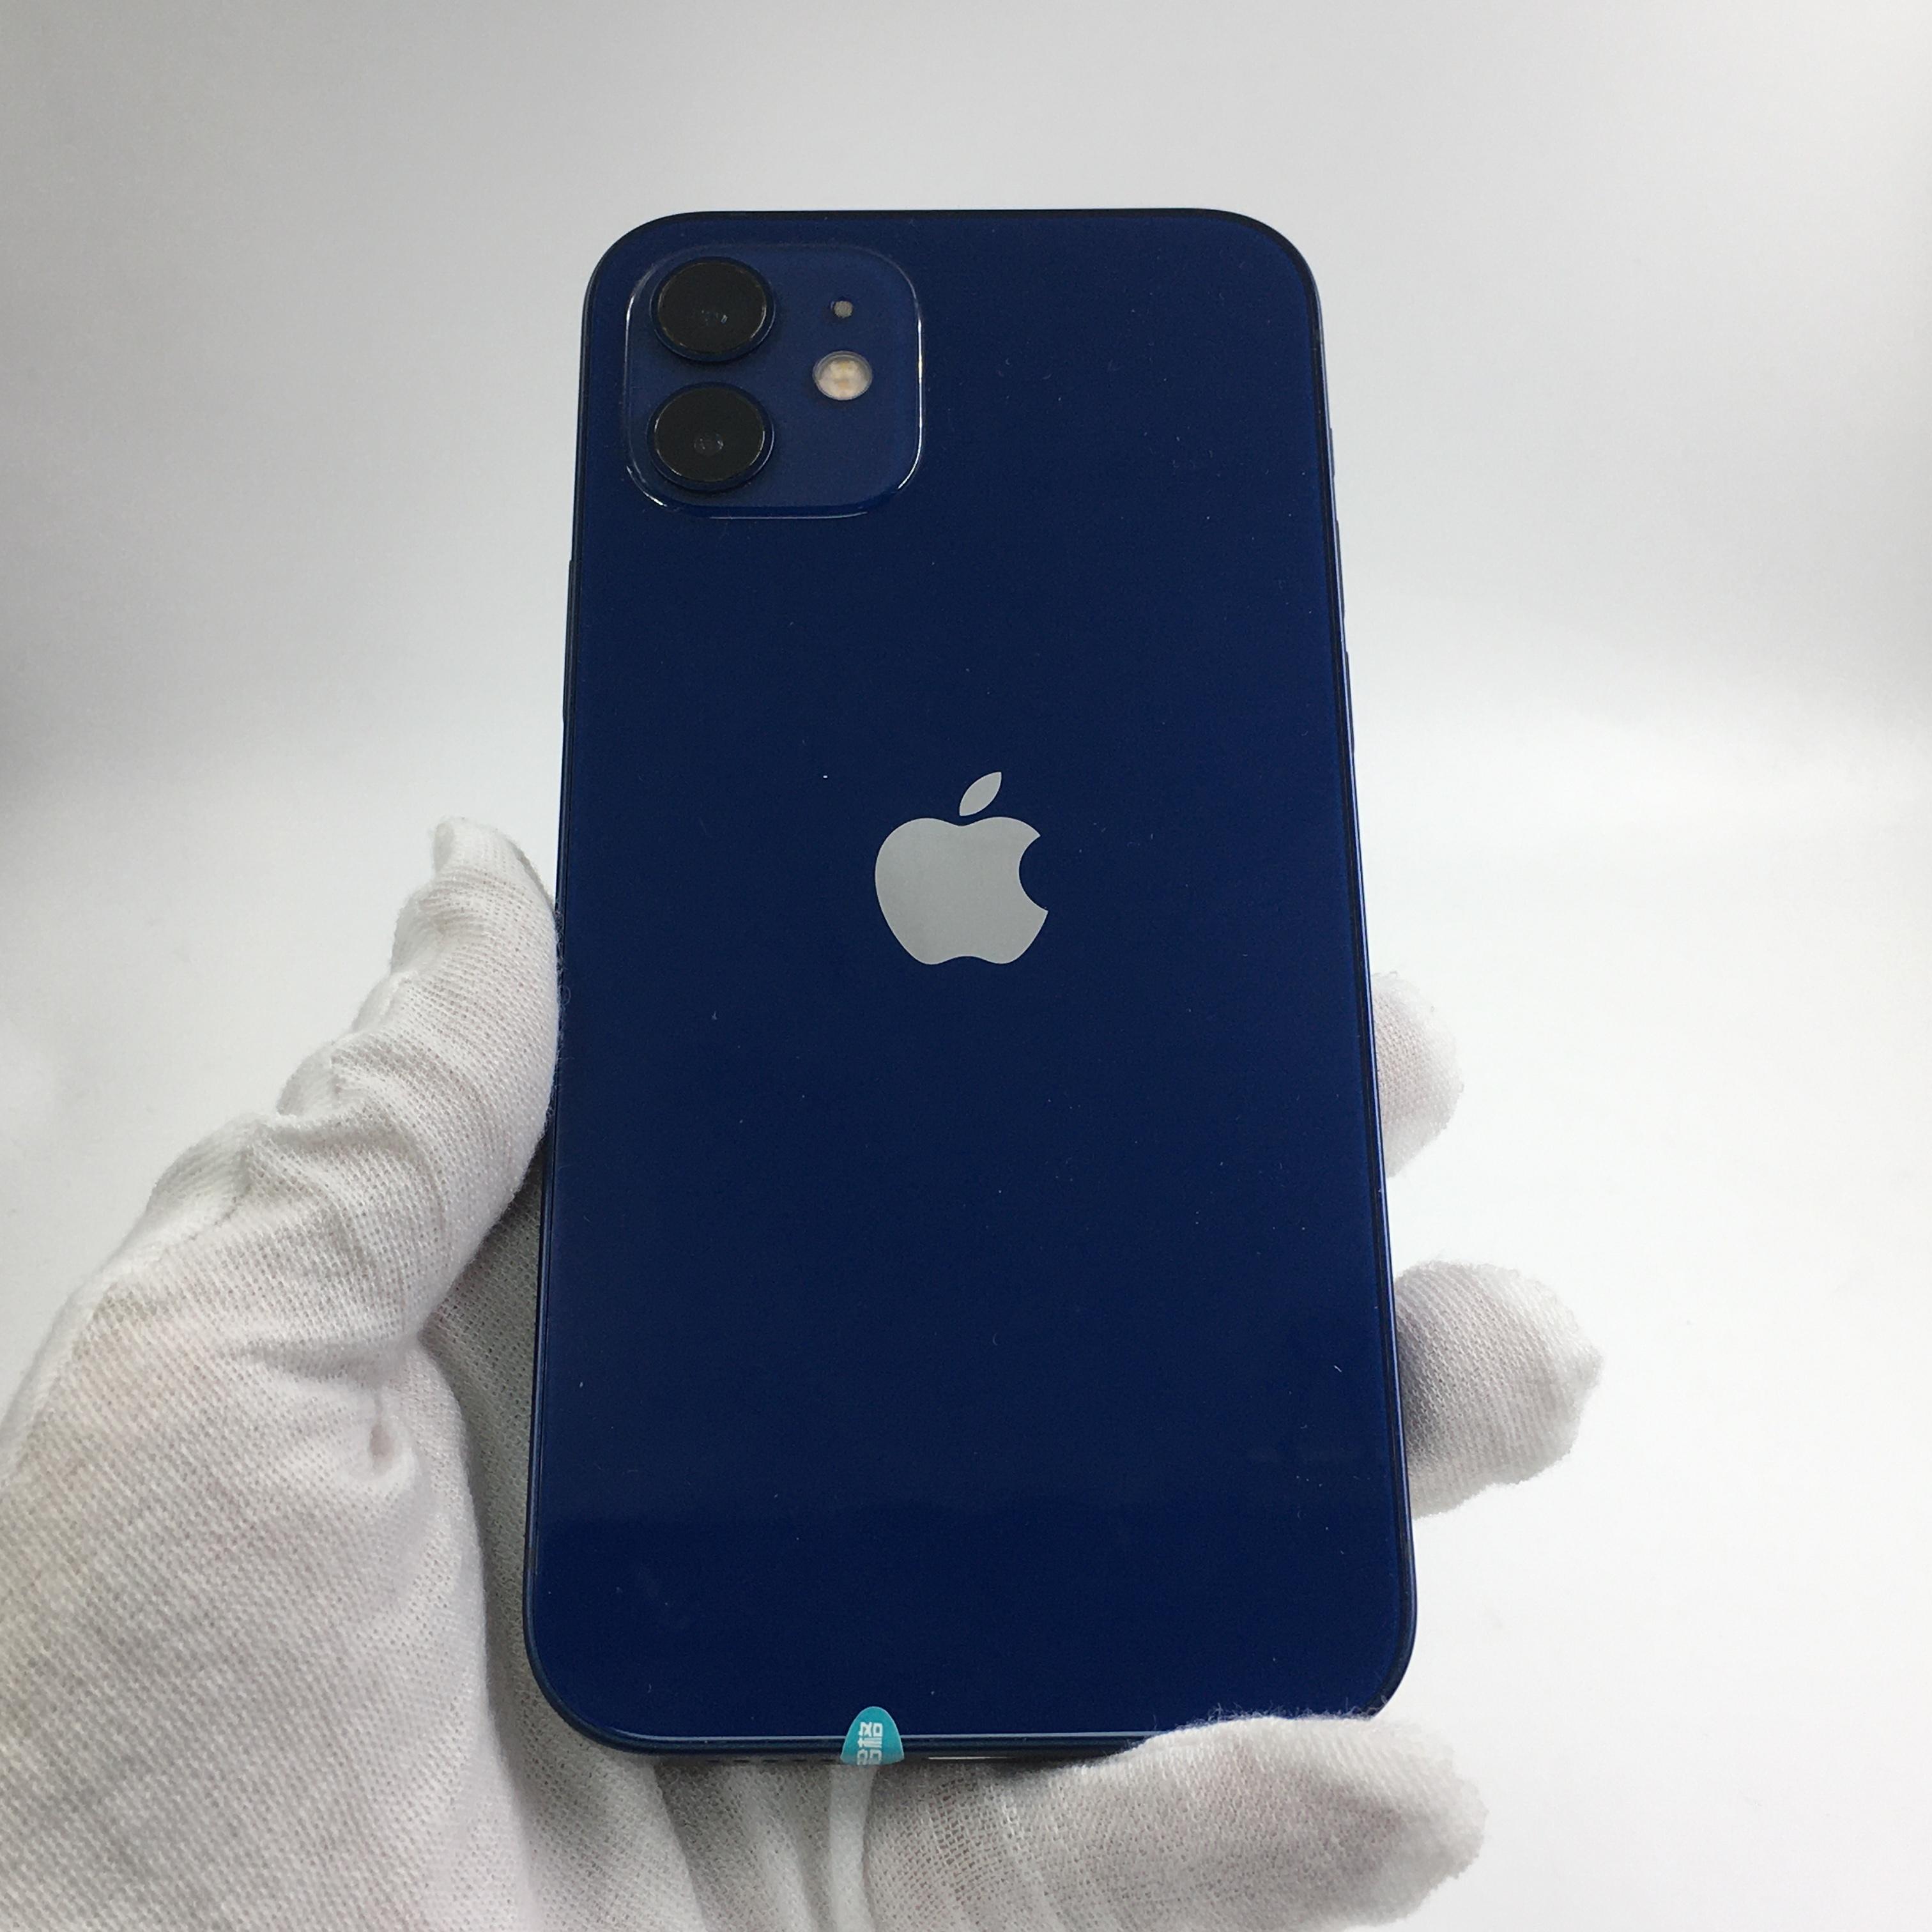 苹果【iPhone 12】5G全网通 蓝色 128G 国行 95新 128G真机实拍